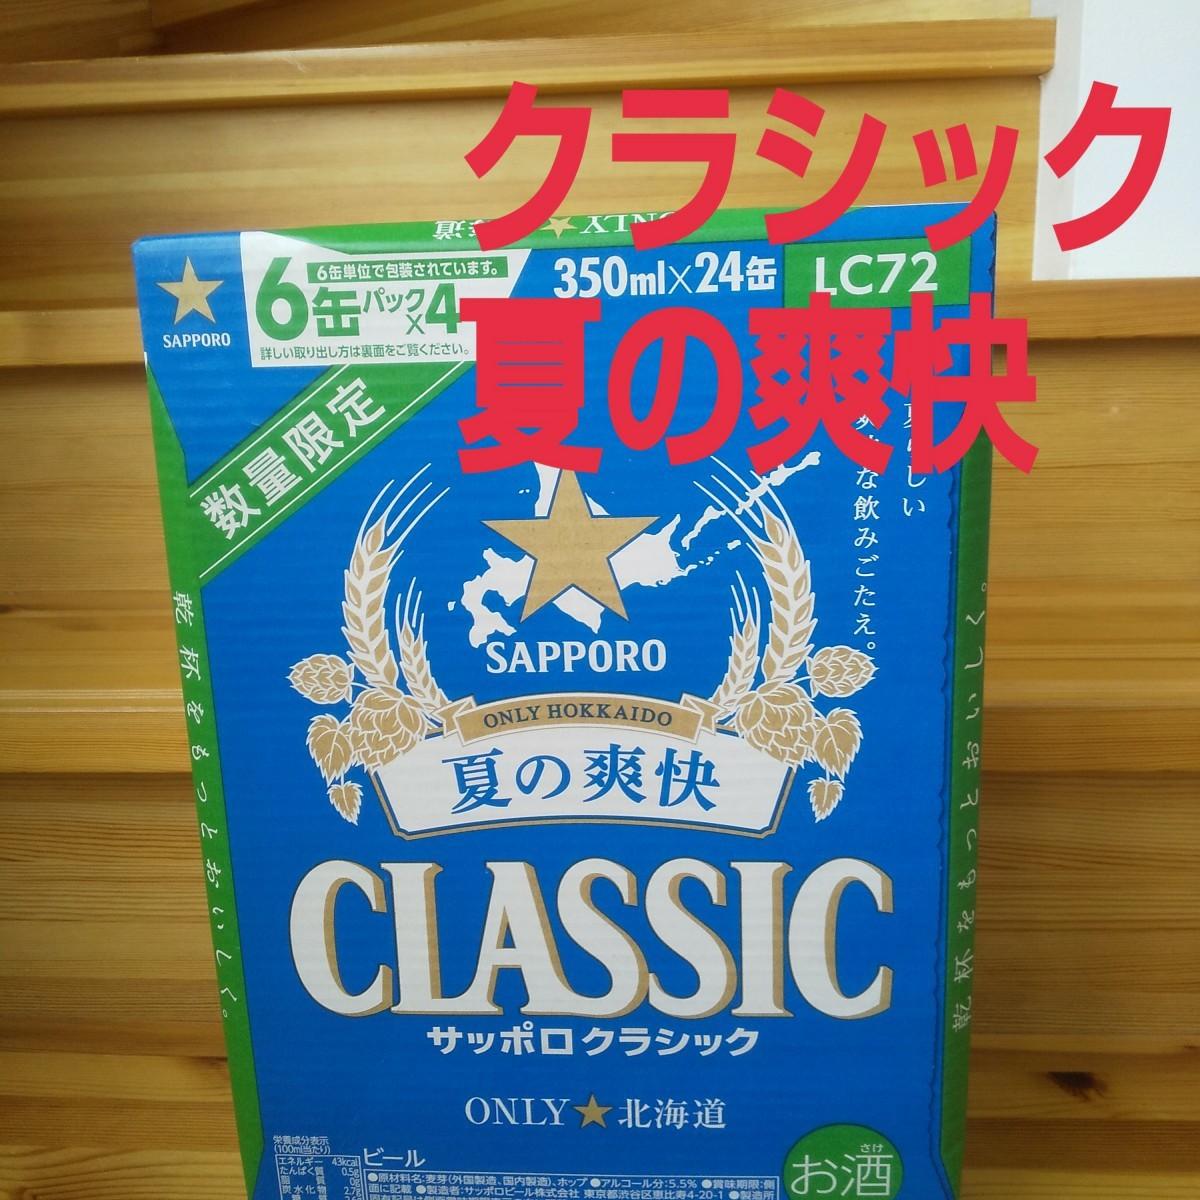 サッポロクラシックビール夏の爽快1ケース計24本